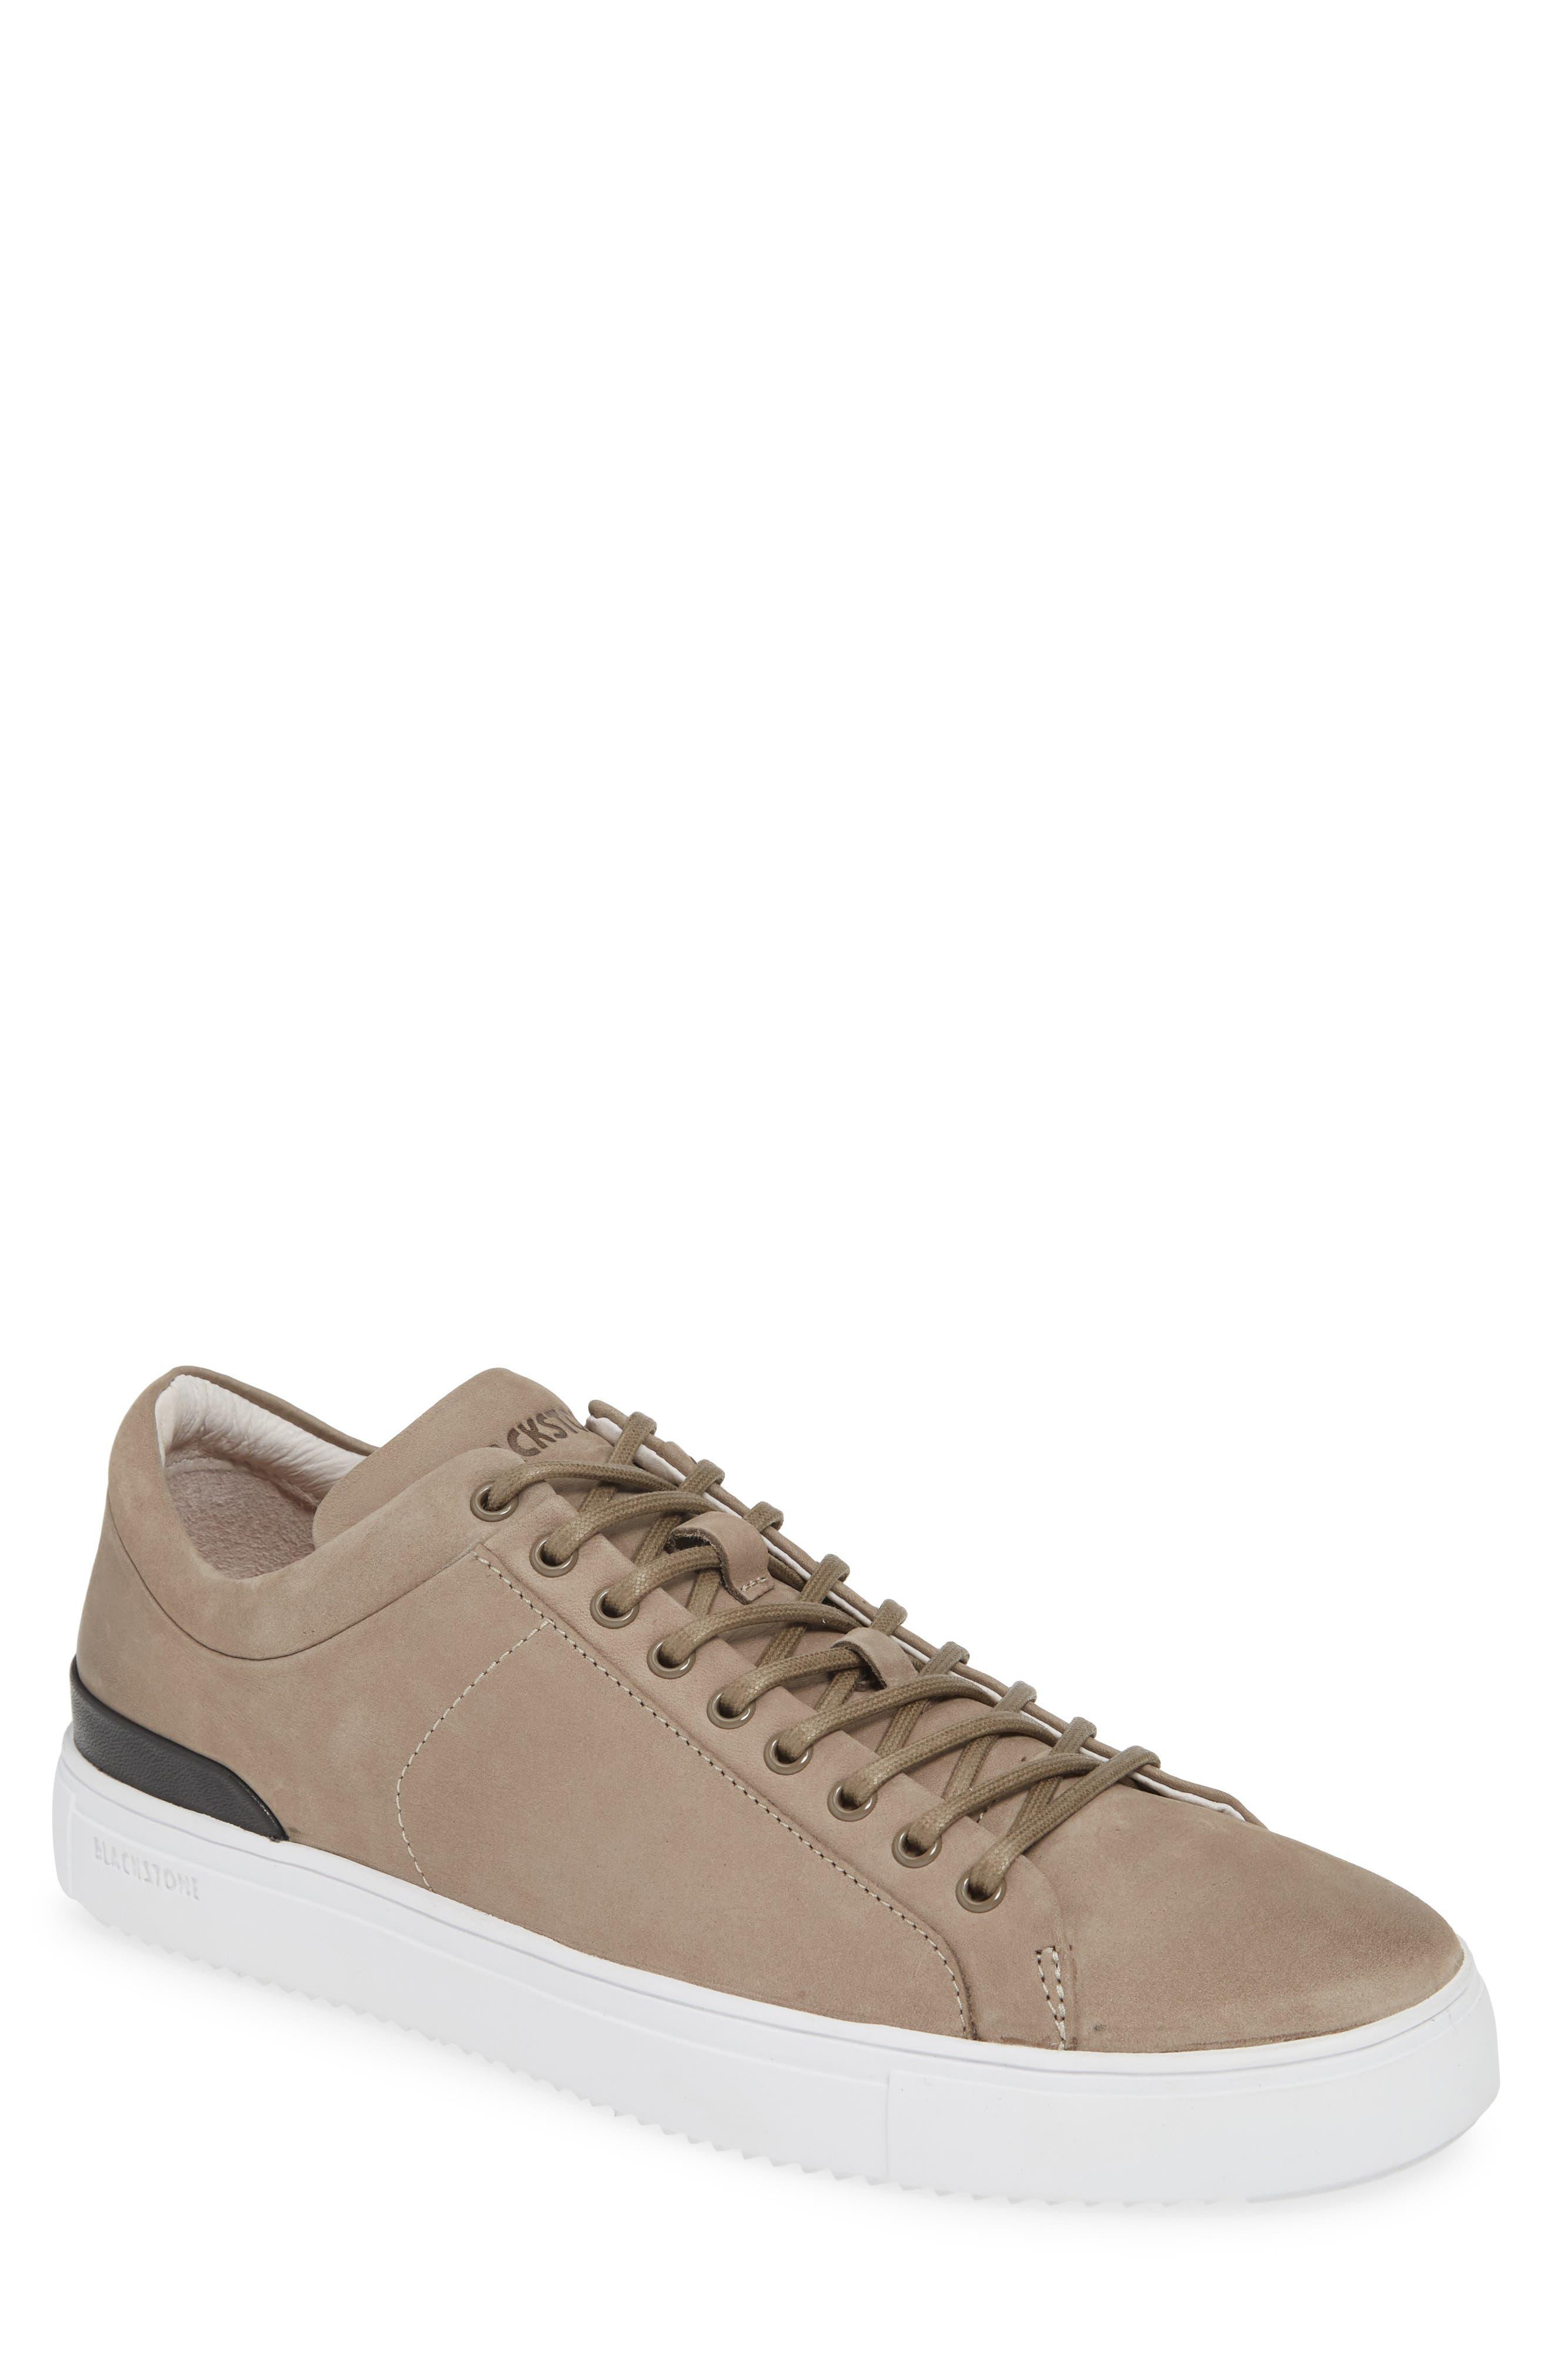 Pm56 Low Top Sneaker